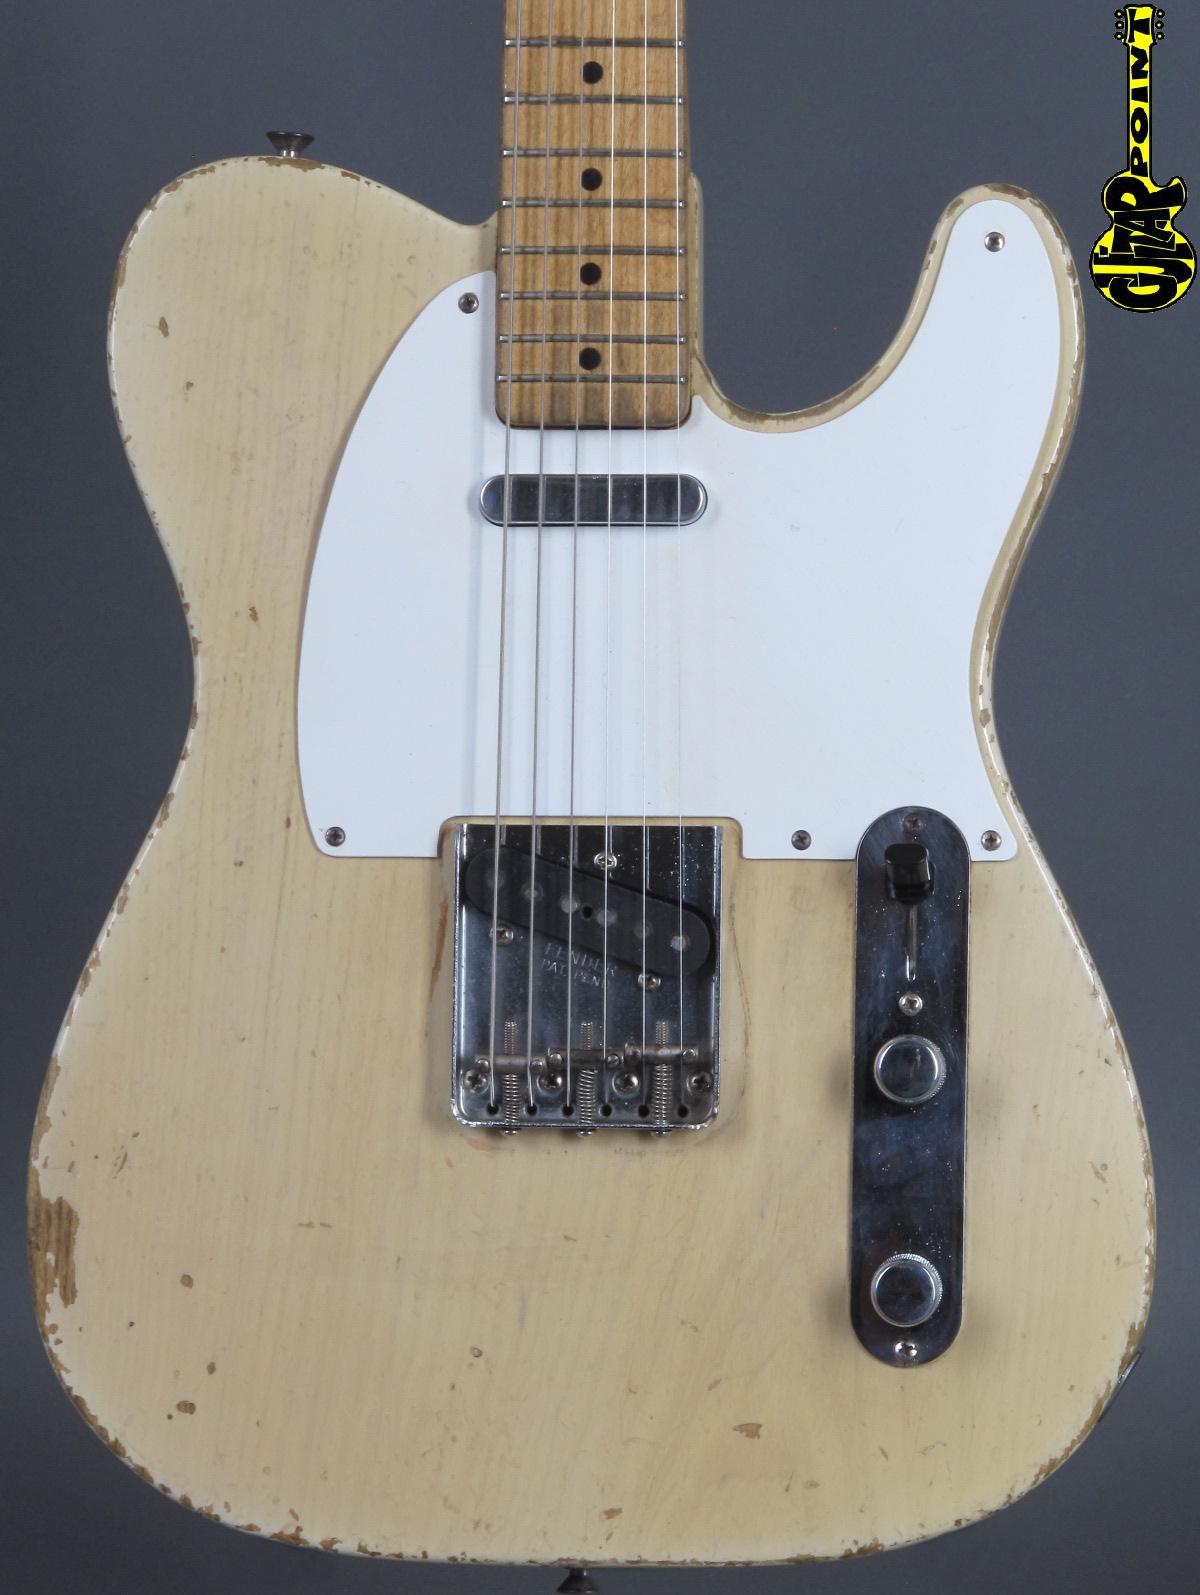 1957 Fender Telecaster - Blond incl. orig. Tweed Case